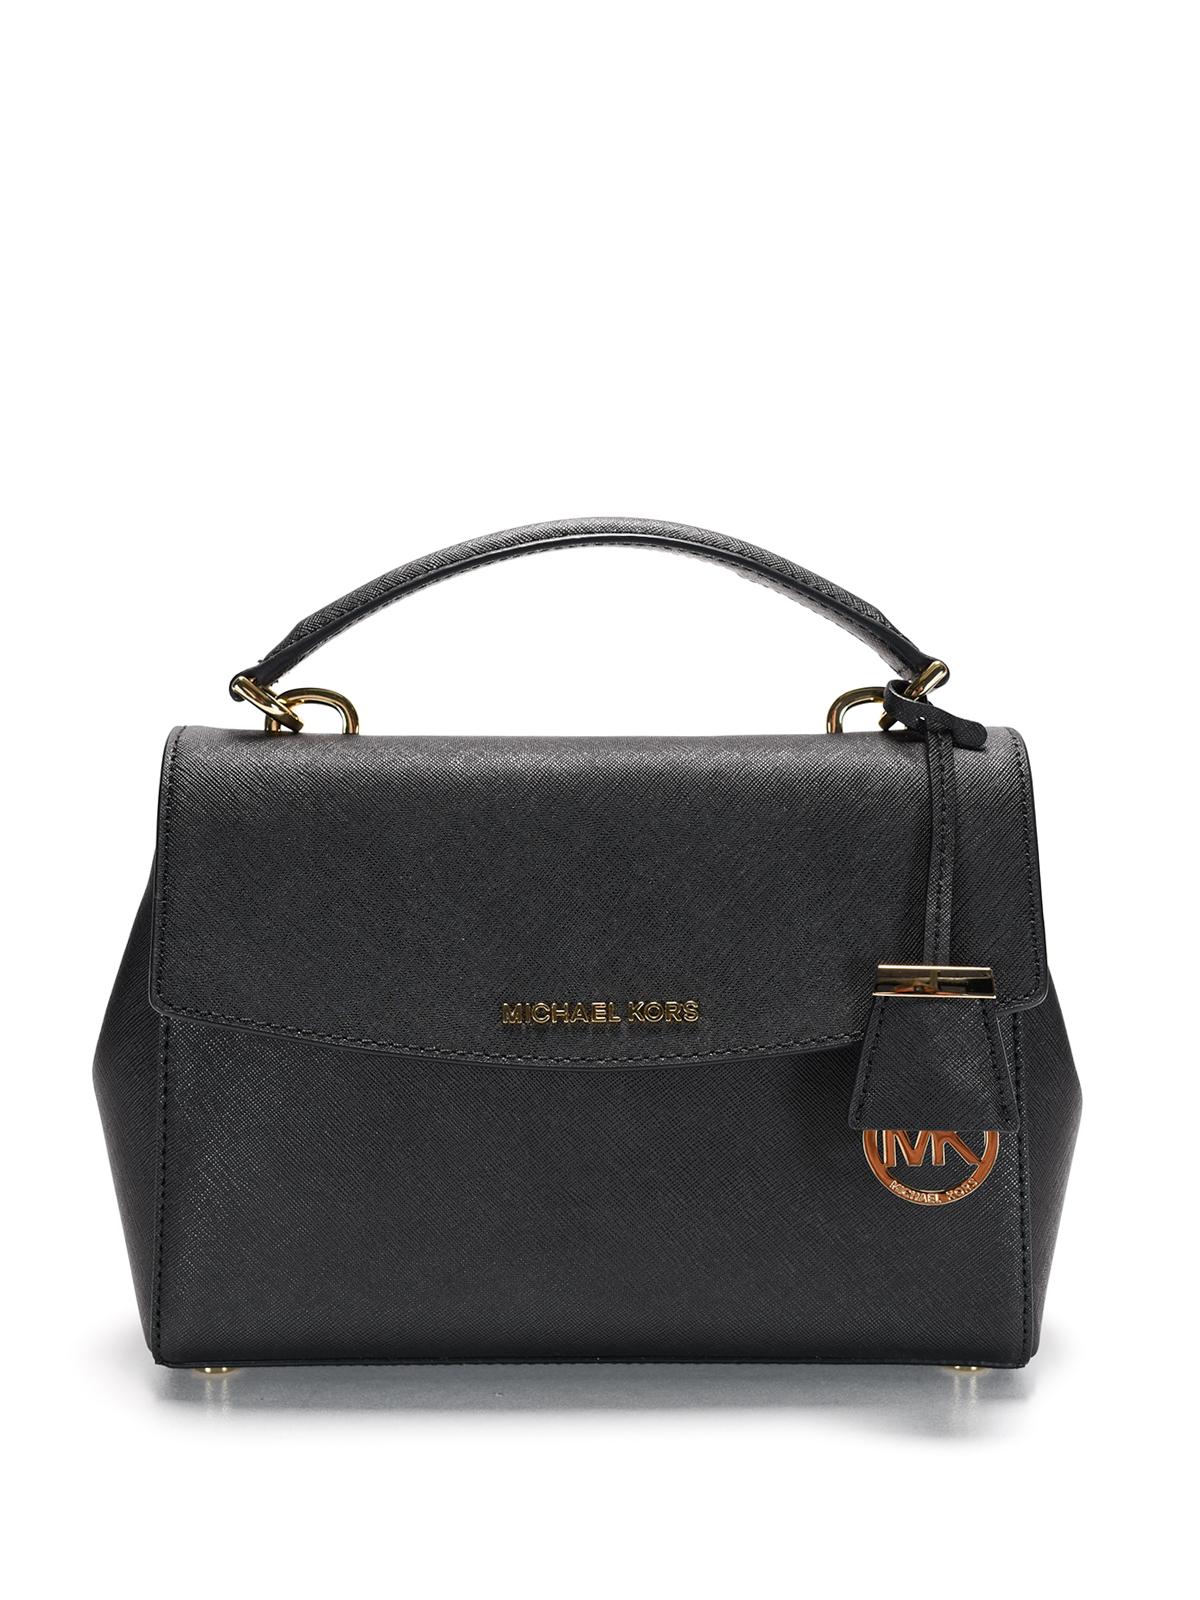 06969b44b941 Michael Kors - Ava Saffiano small satchel - totes bags - 30T5GAVS2L